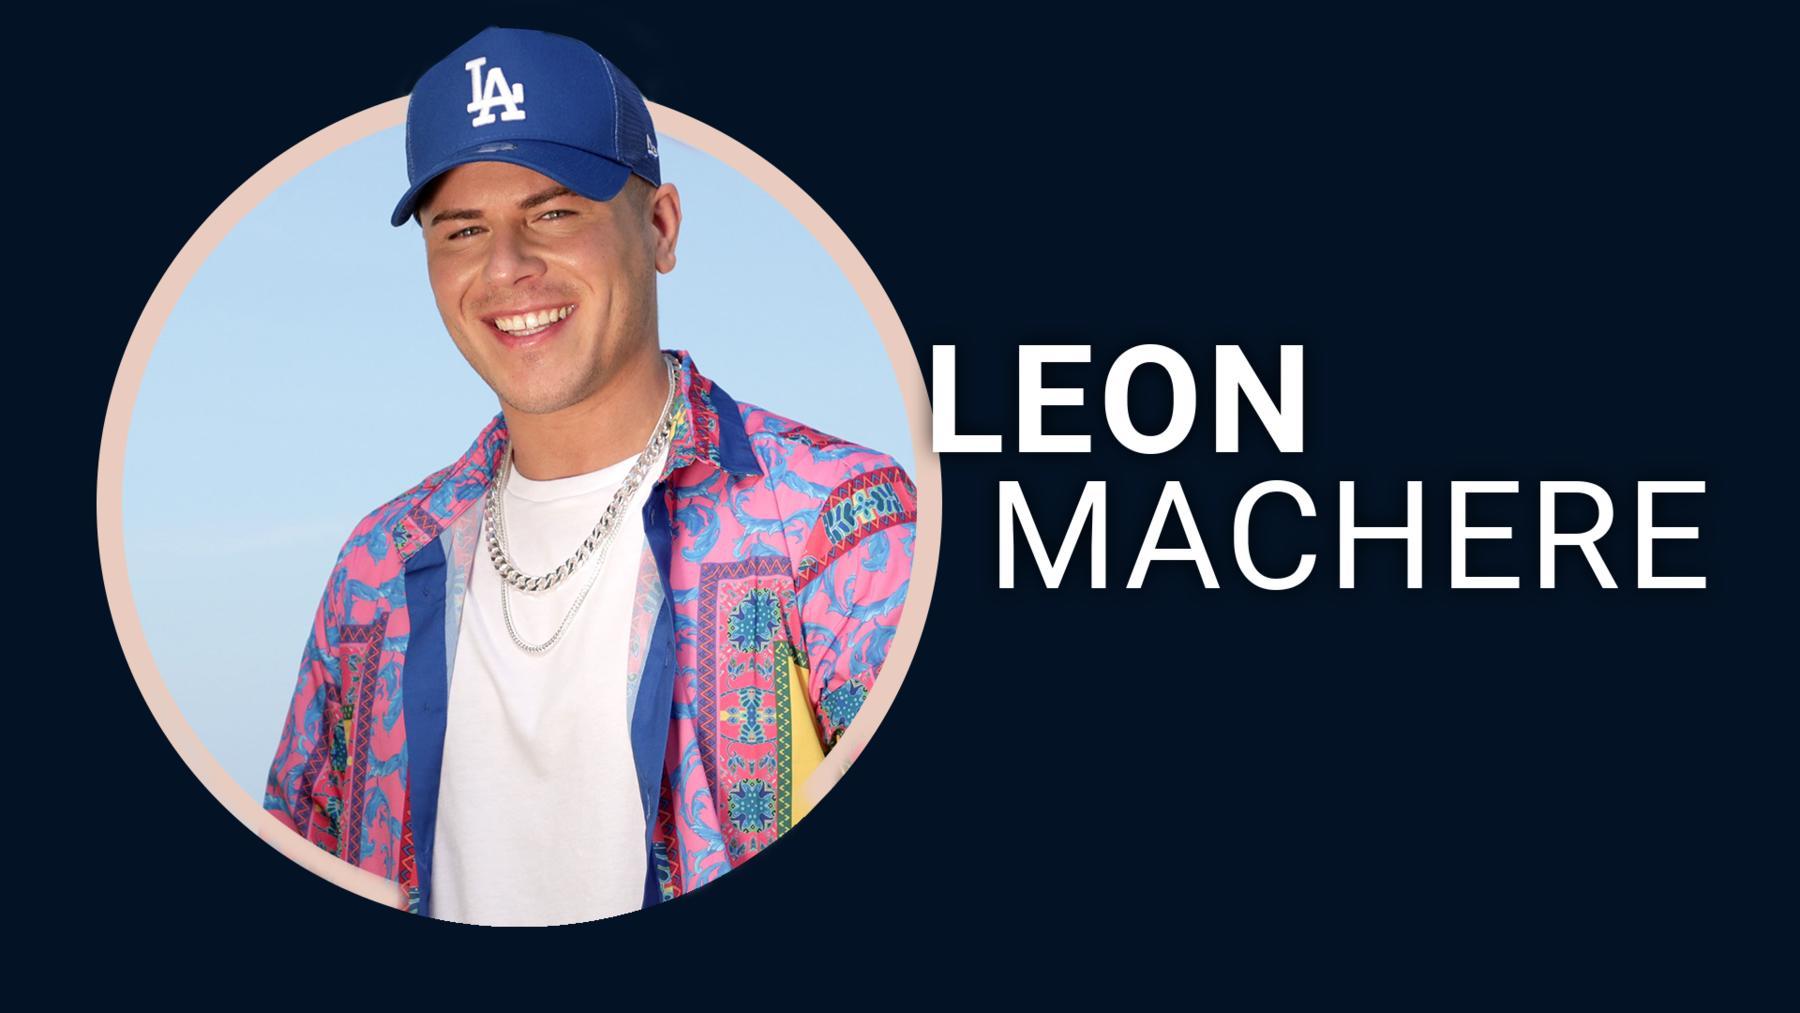 Leon Machere